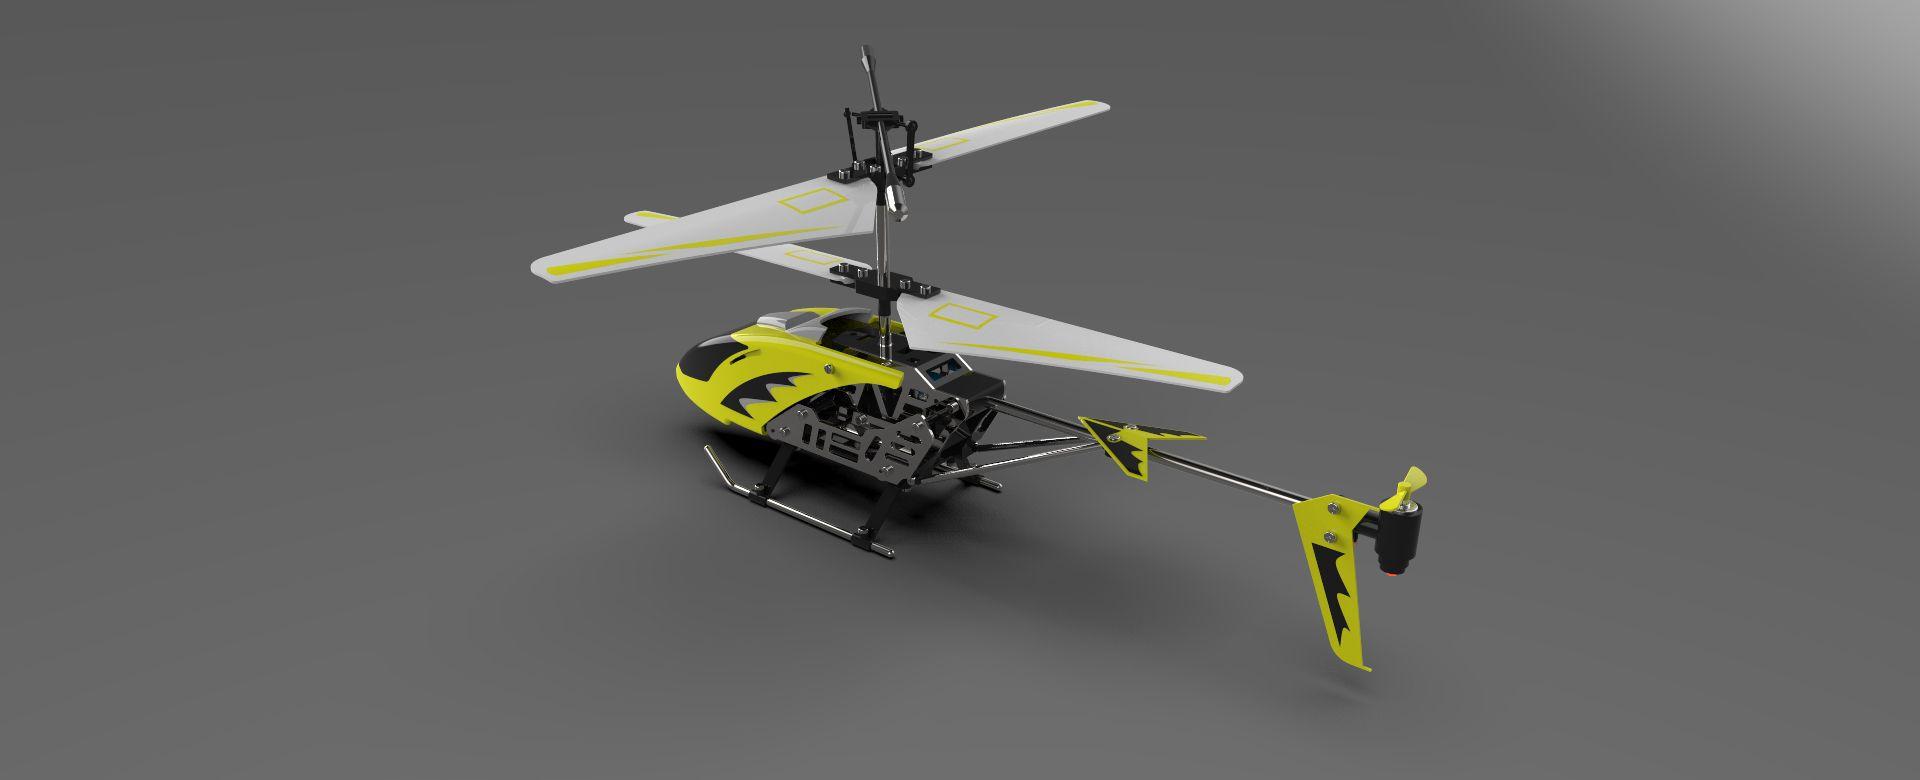 Choper-167-3500-3500